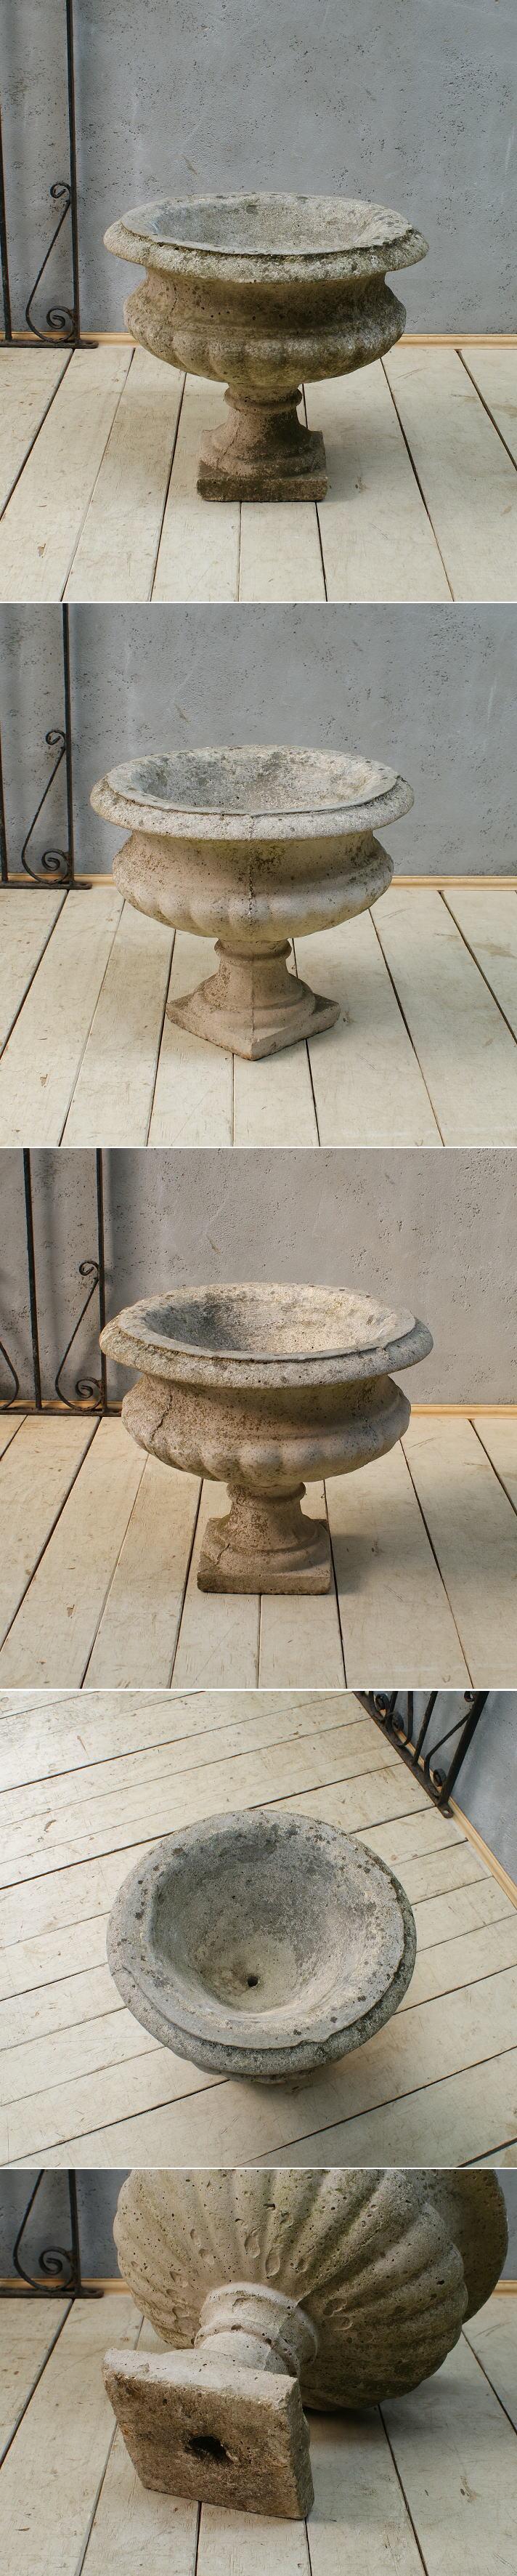 イギリス アンティーク モルタル製 植木鉢 プランター 5972